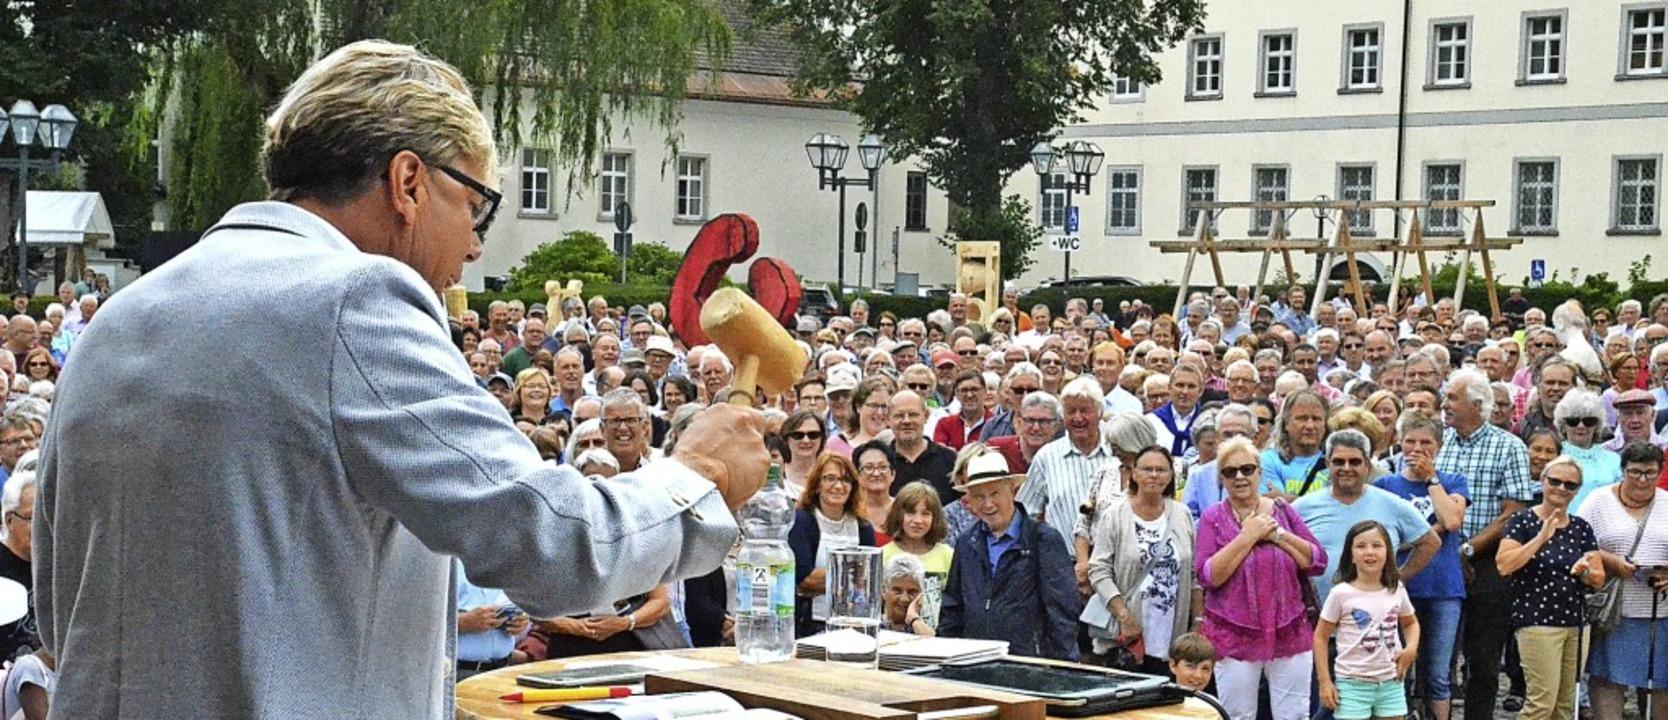 Publikum und Auktionator Hansy Vogt ha...nks) von Karin Hofer aus der Schweiz.     Foto: Sebastian Barthmes